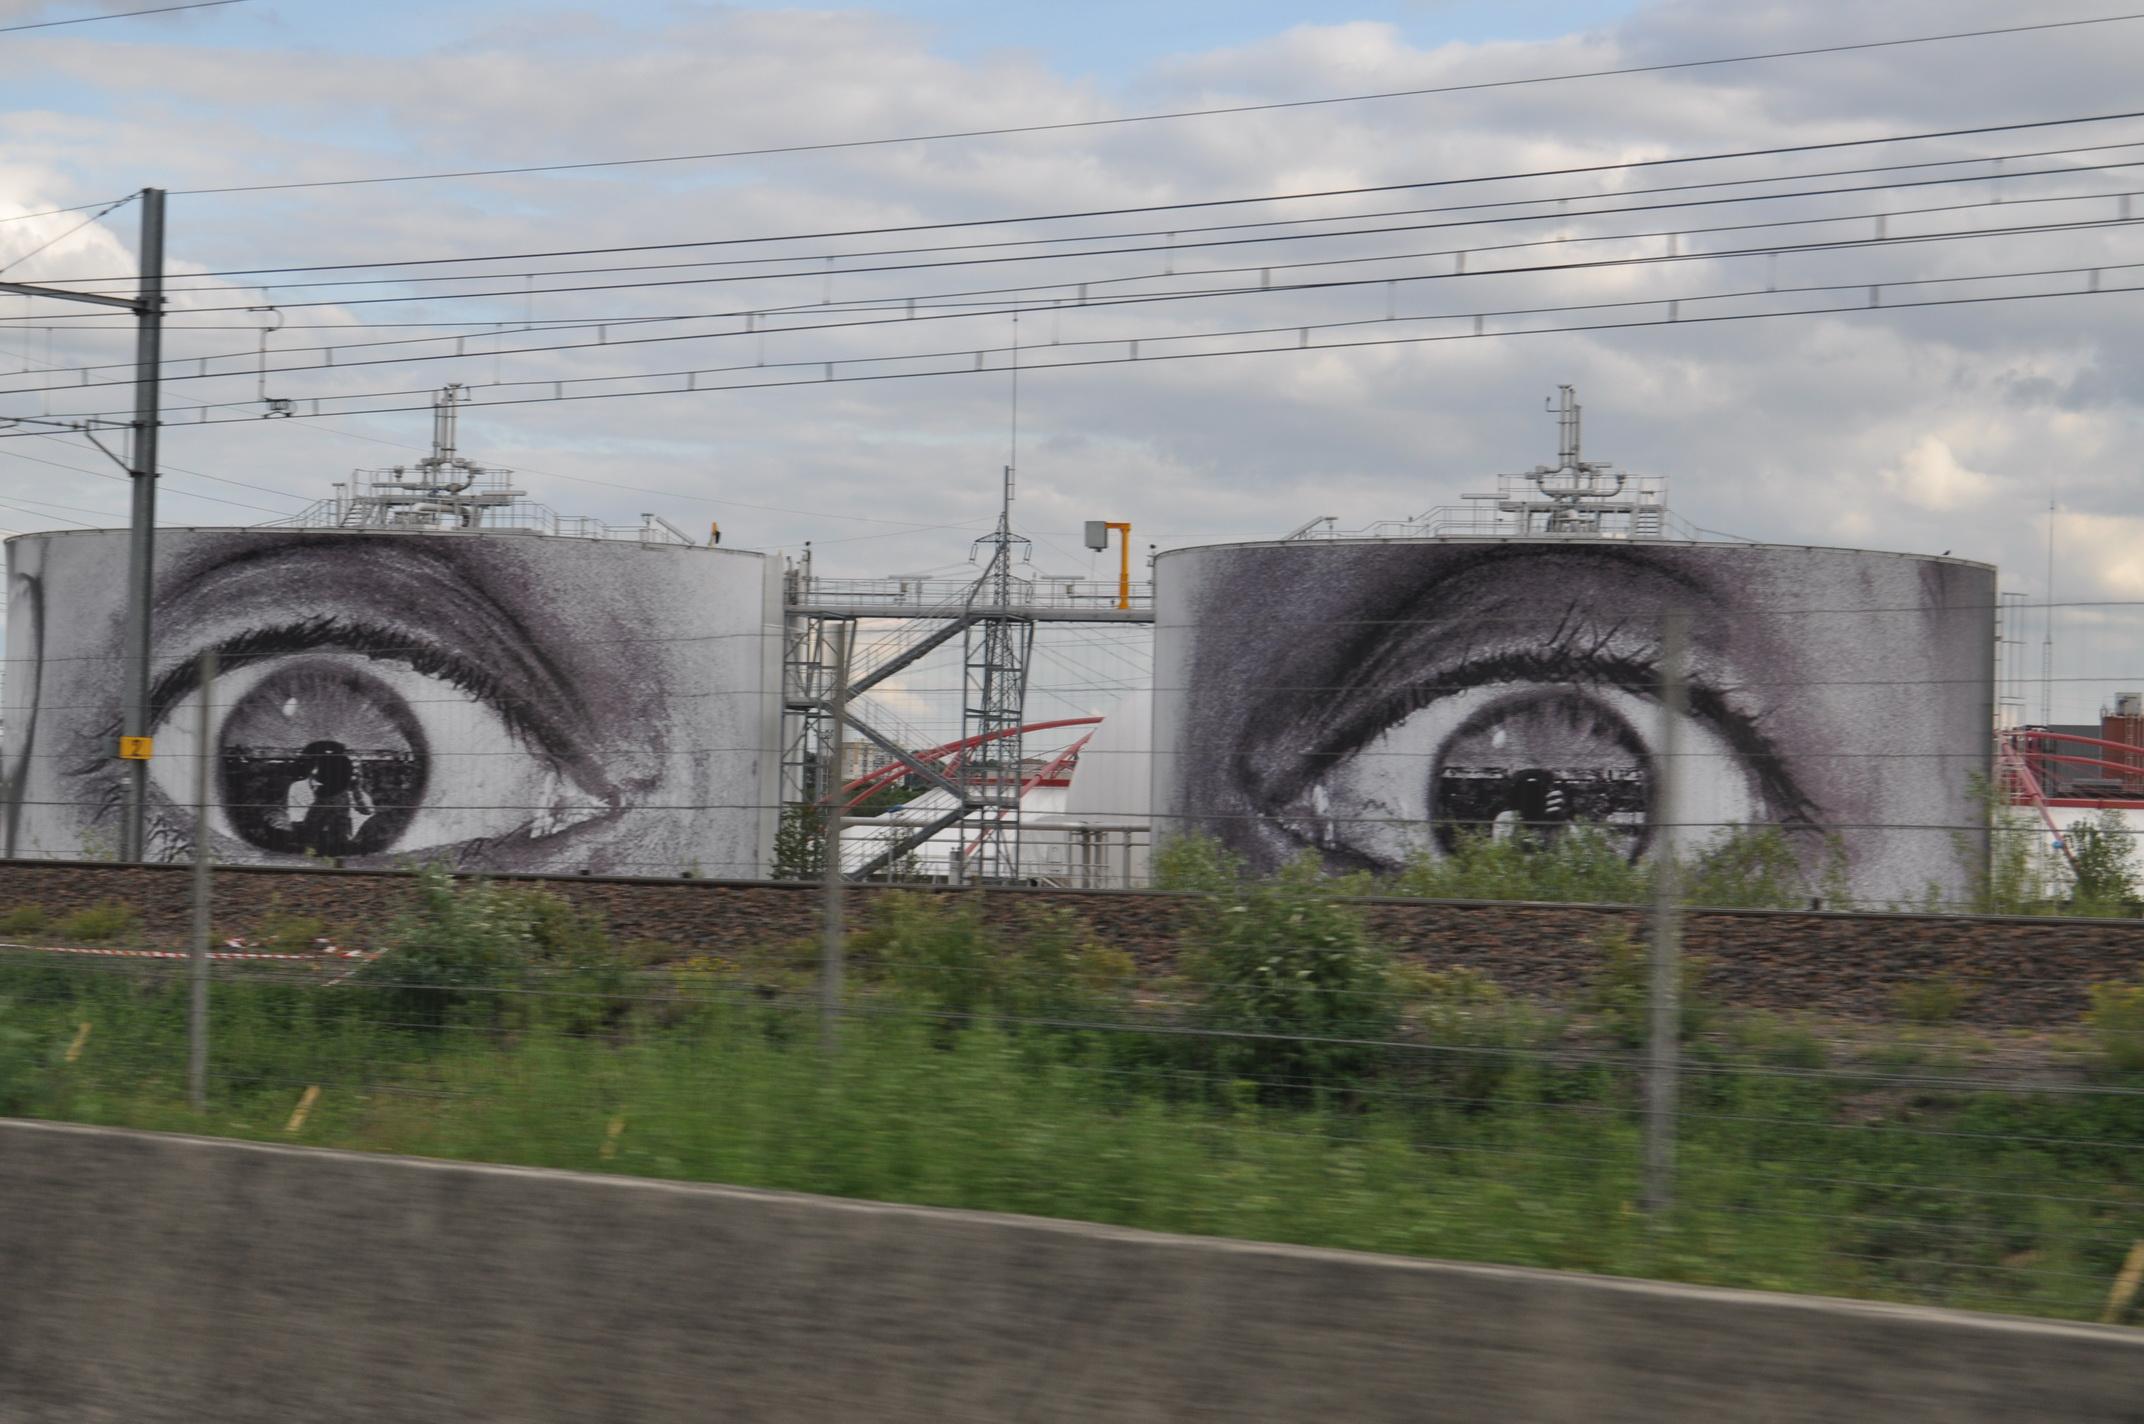 Photo: Les grans yeux de Valenton qui vous guettent sur l'autoroute